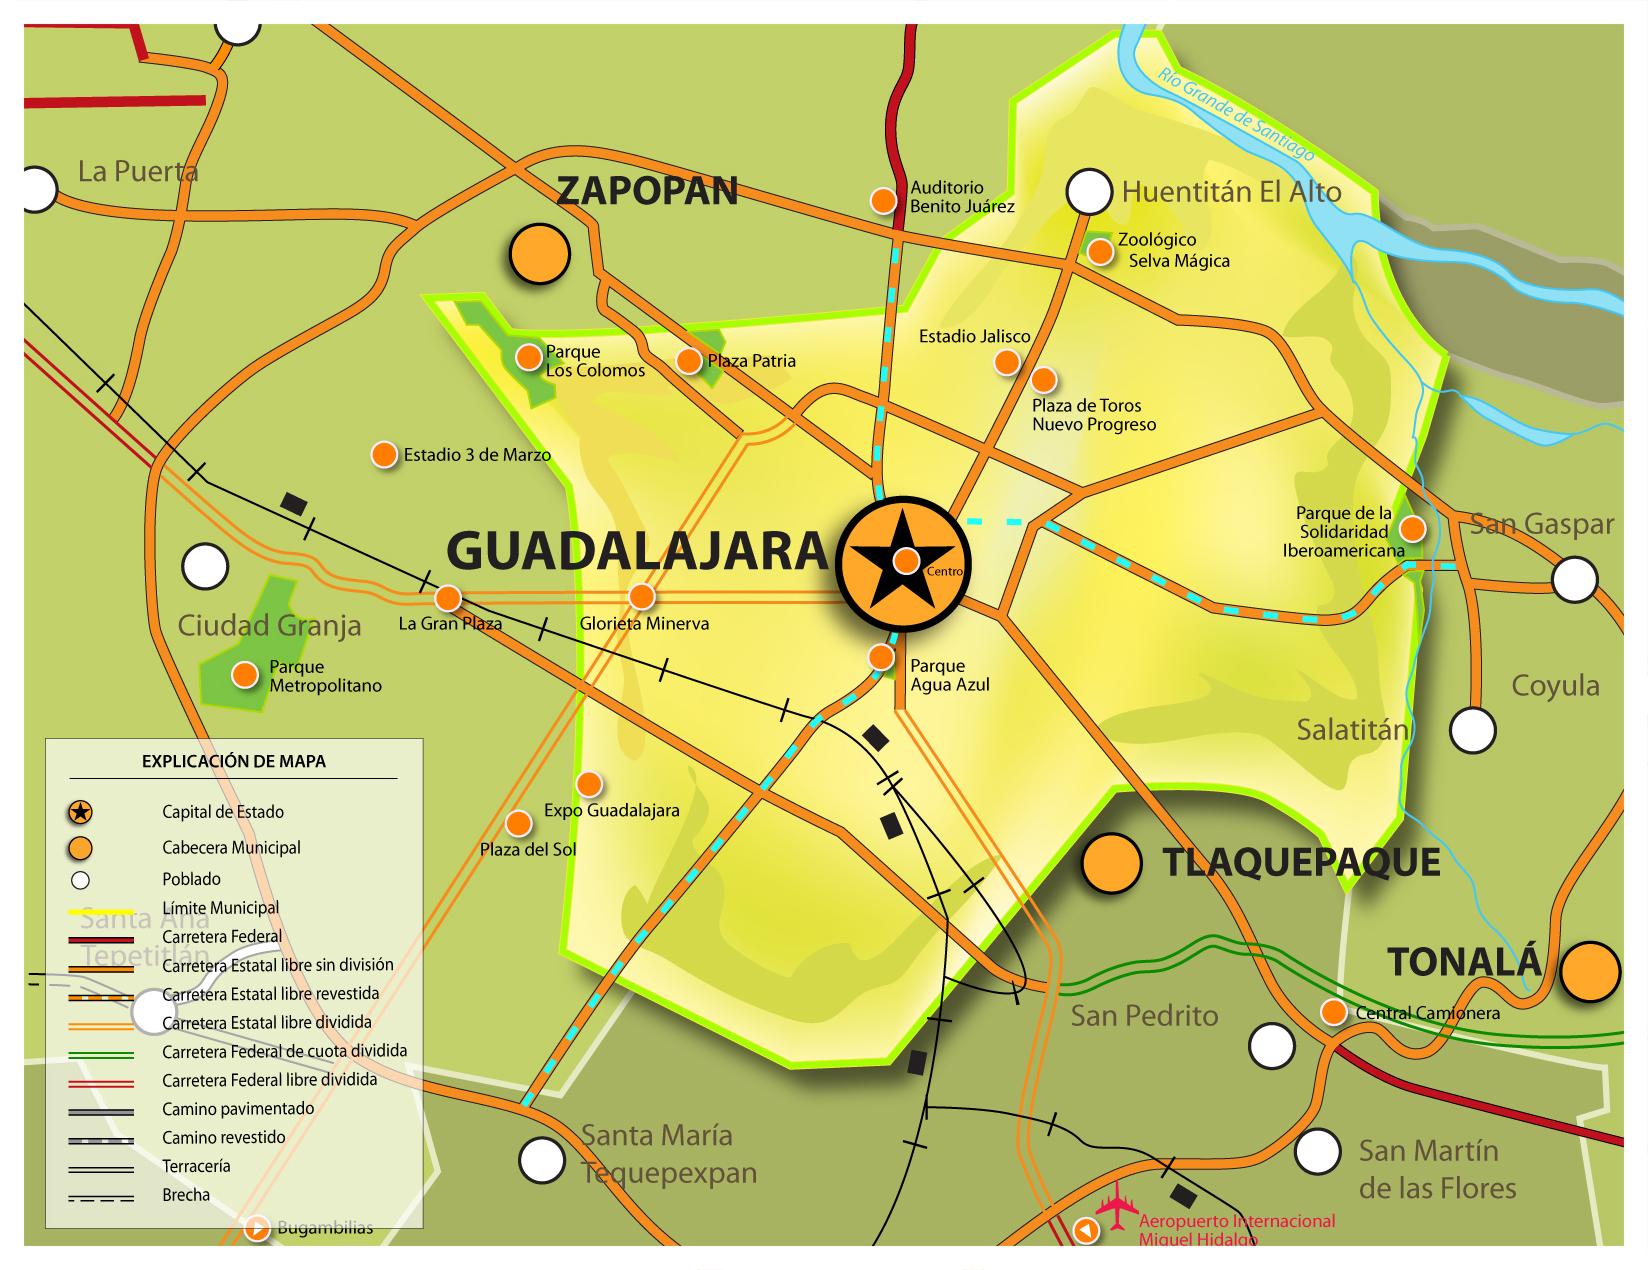 Mapa de Guadalajara online